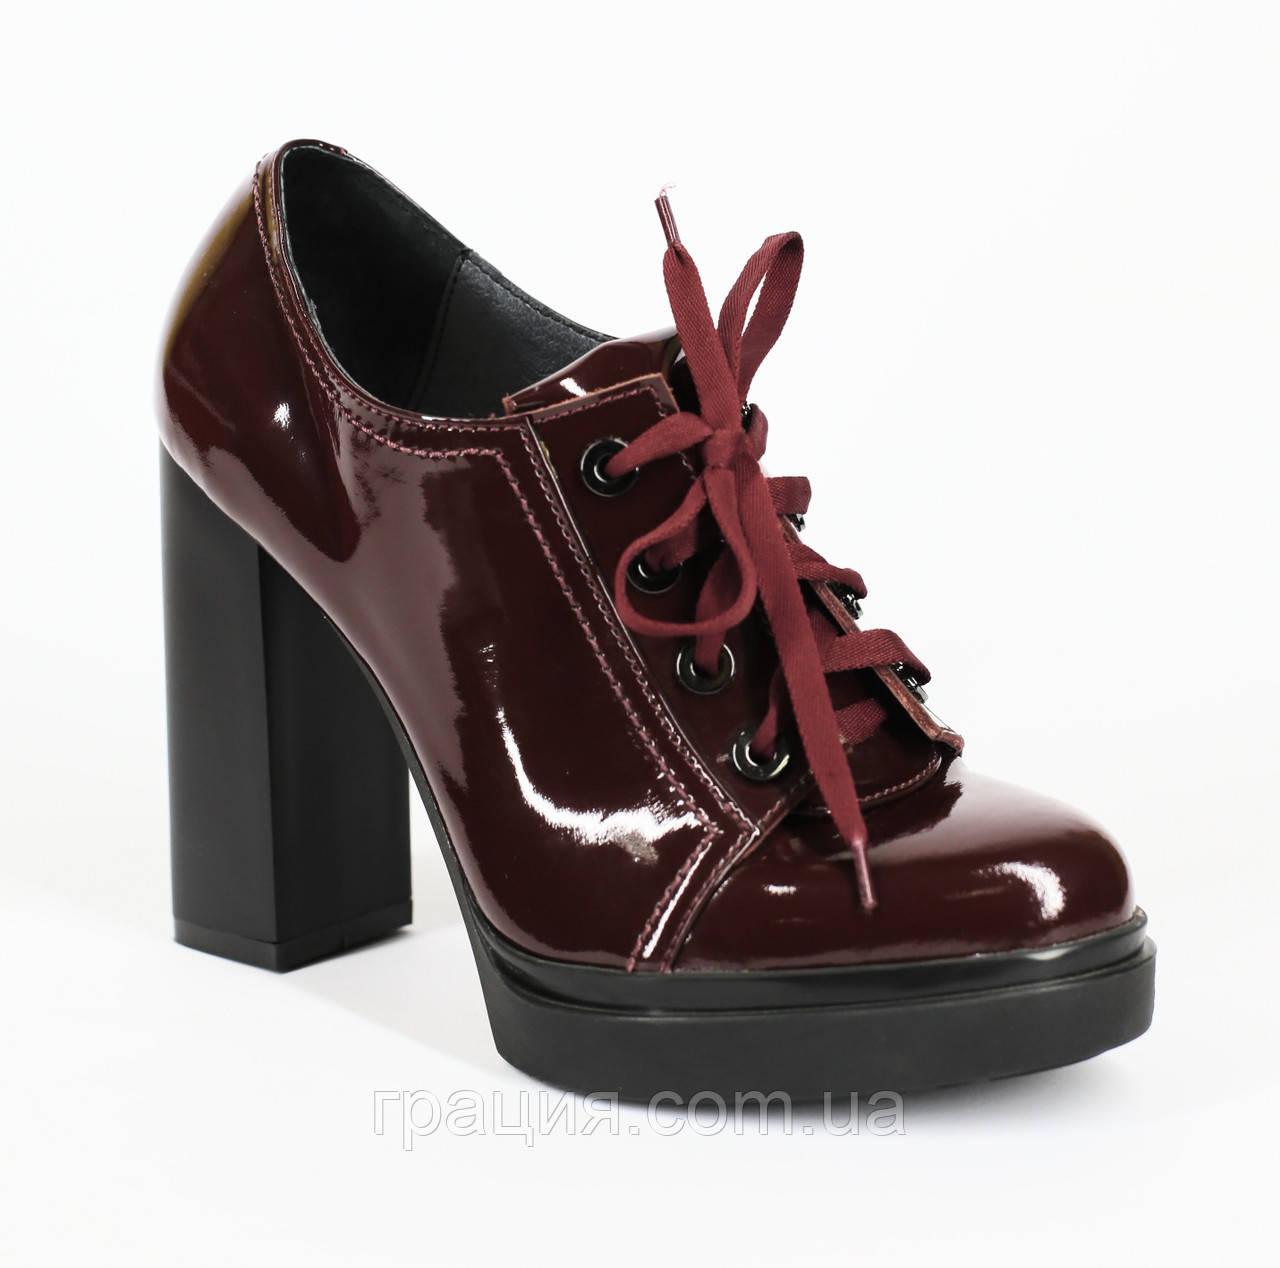 Модні лакові-натуральні туфлі на високому каблуці зі шнурівкою бордові